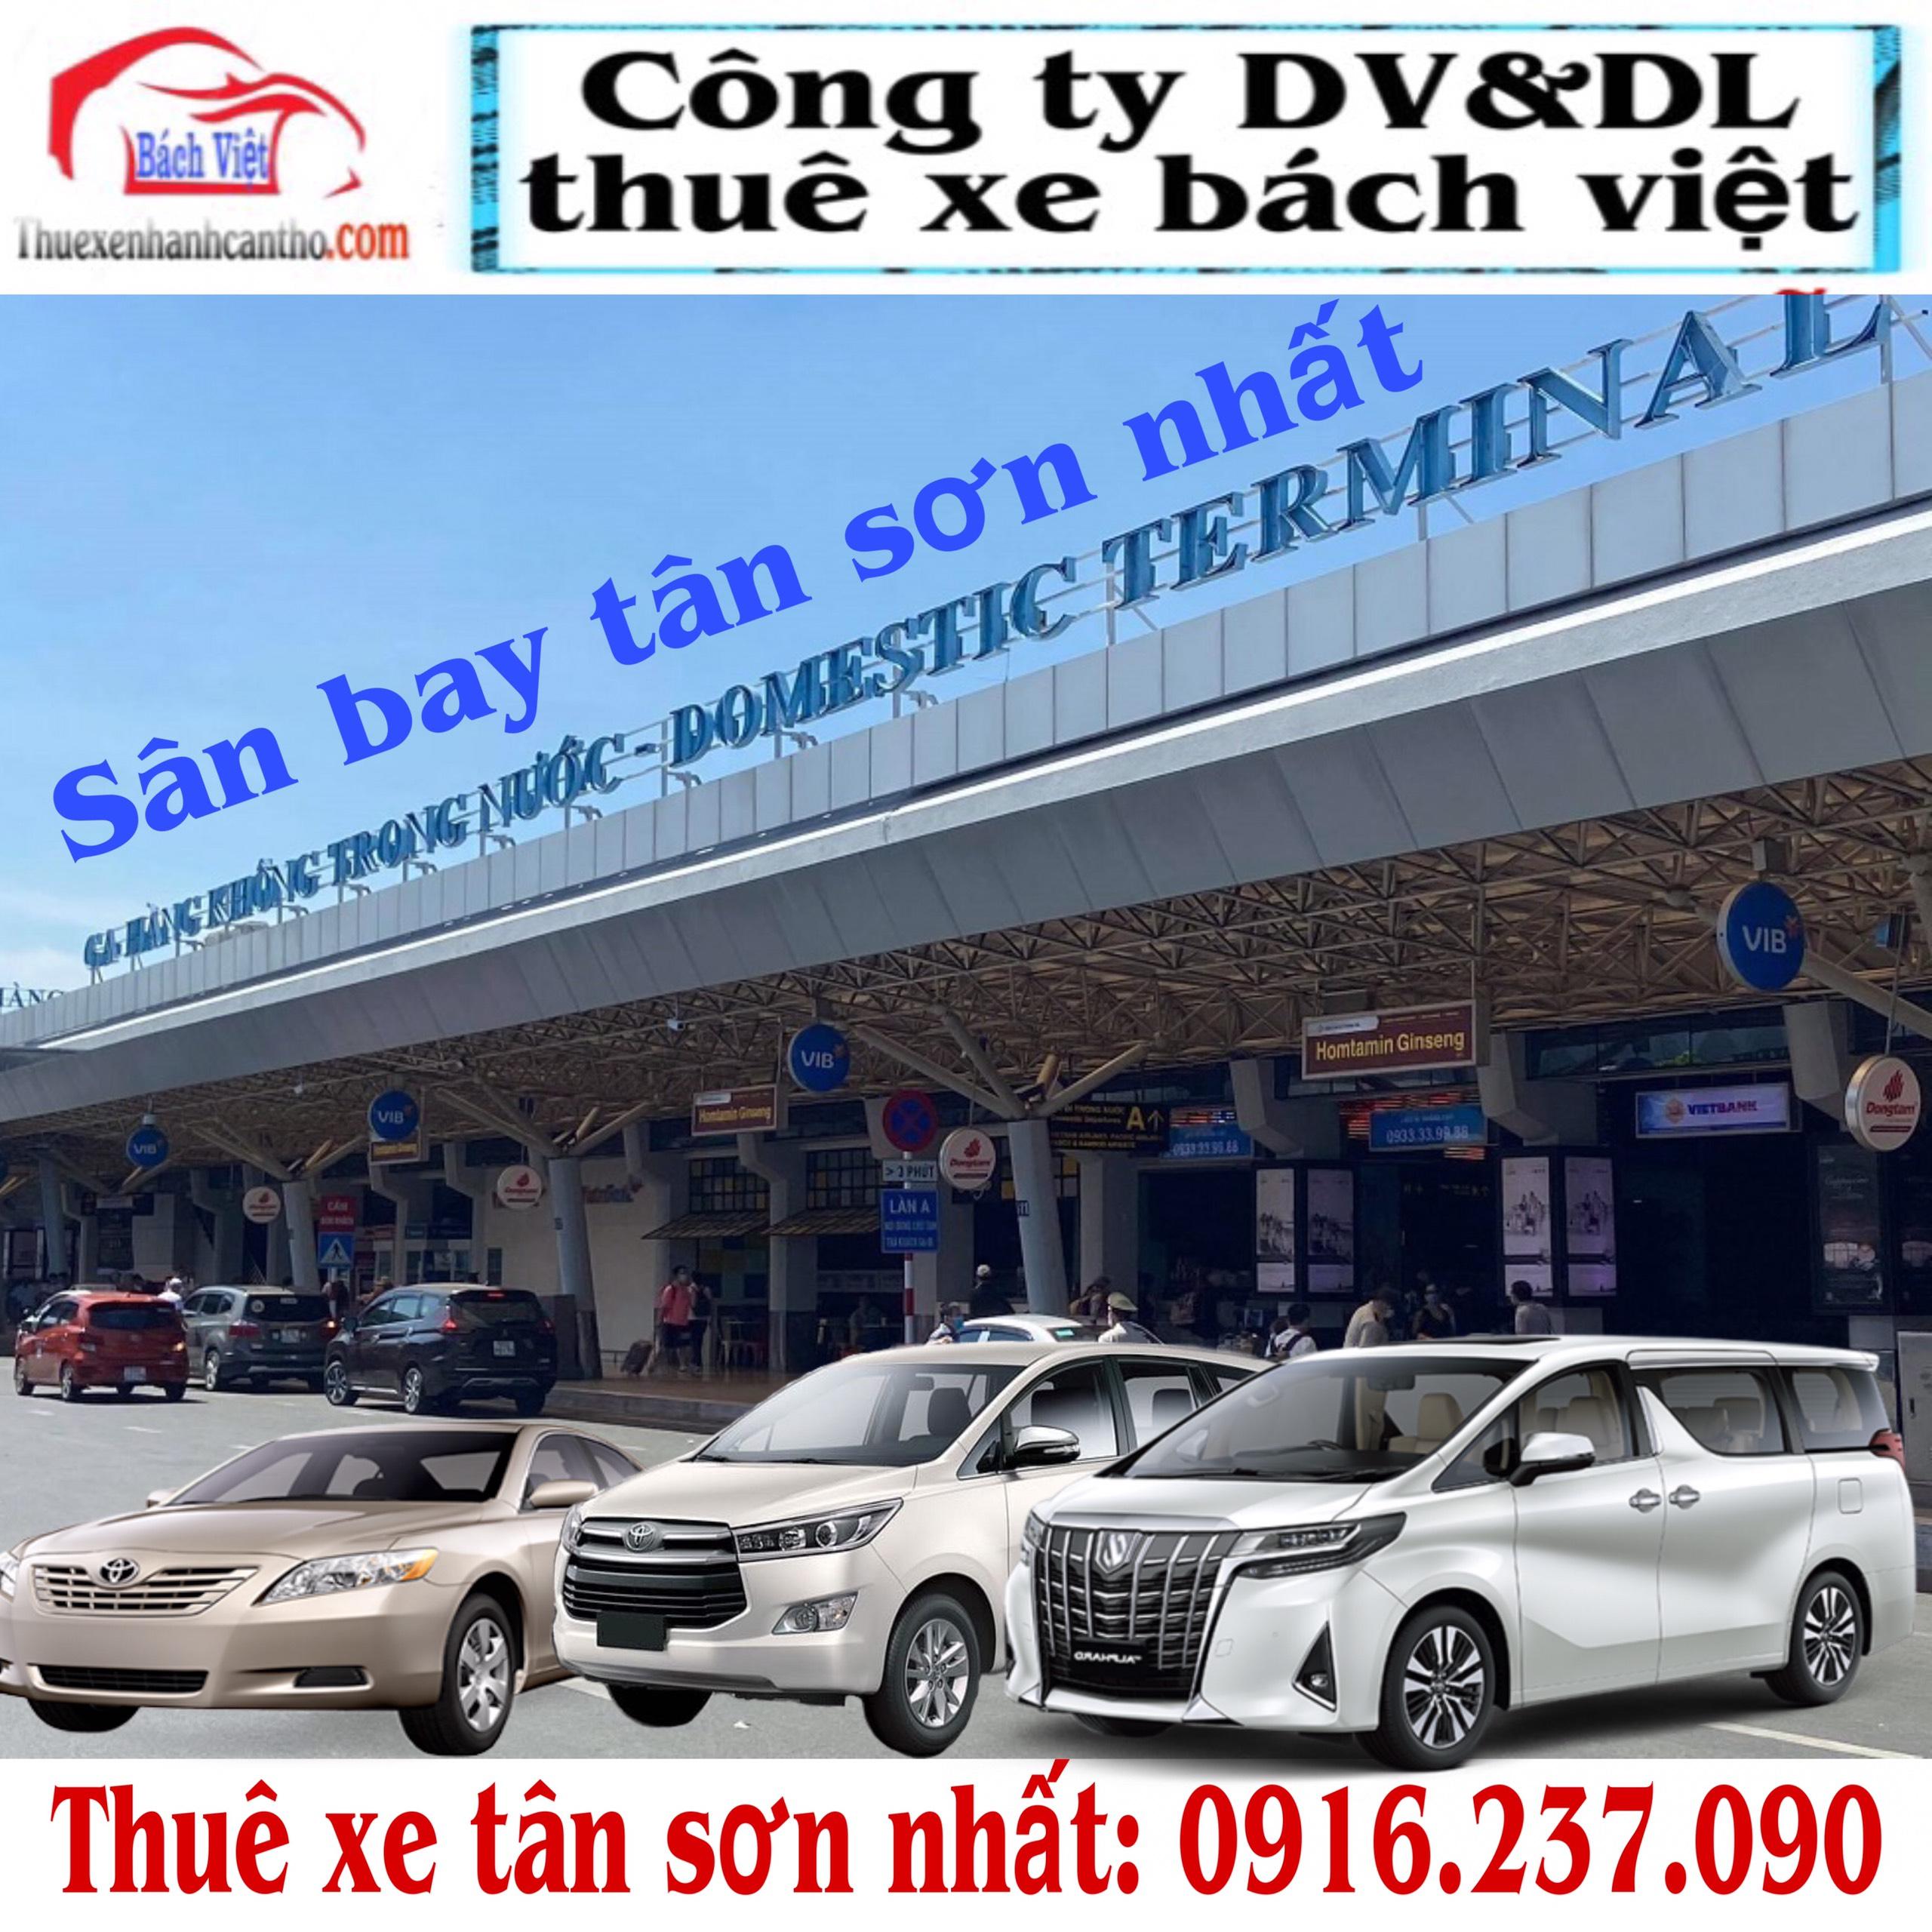 Thuê Xe Tân Sơn Nhất